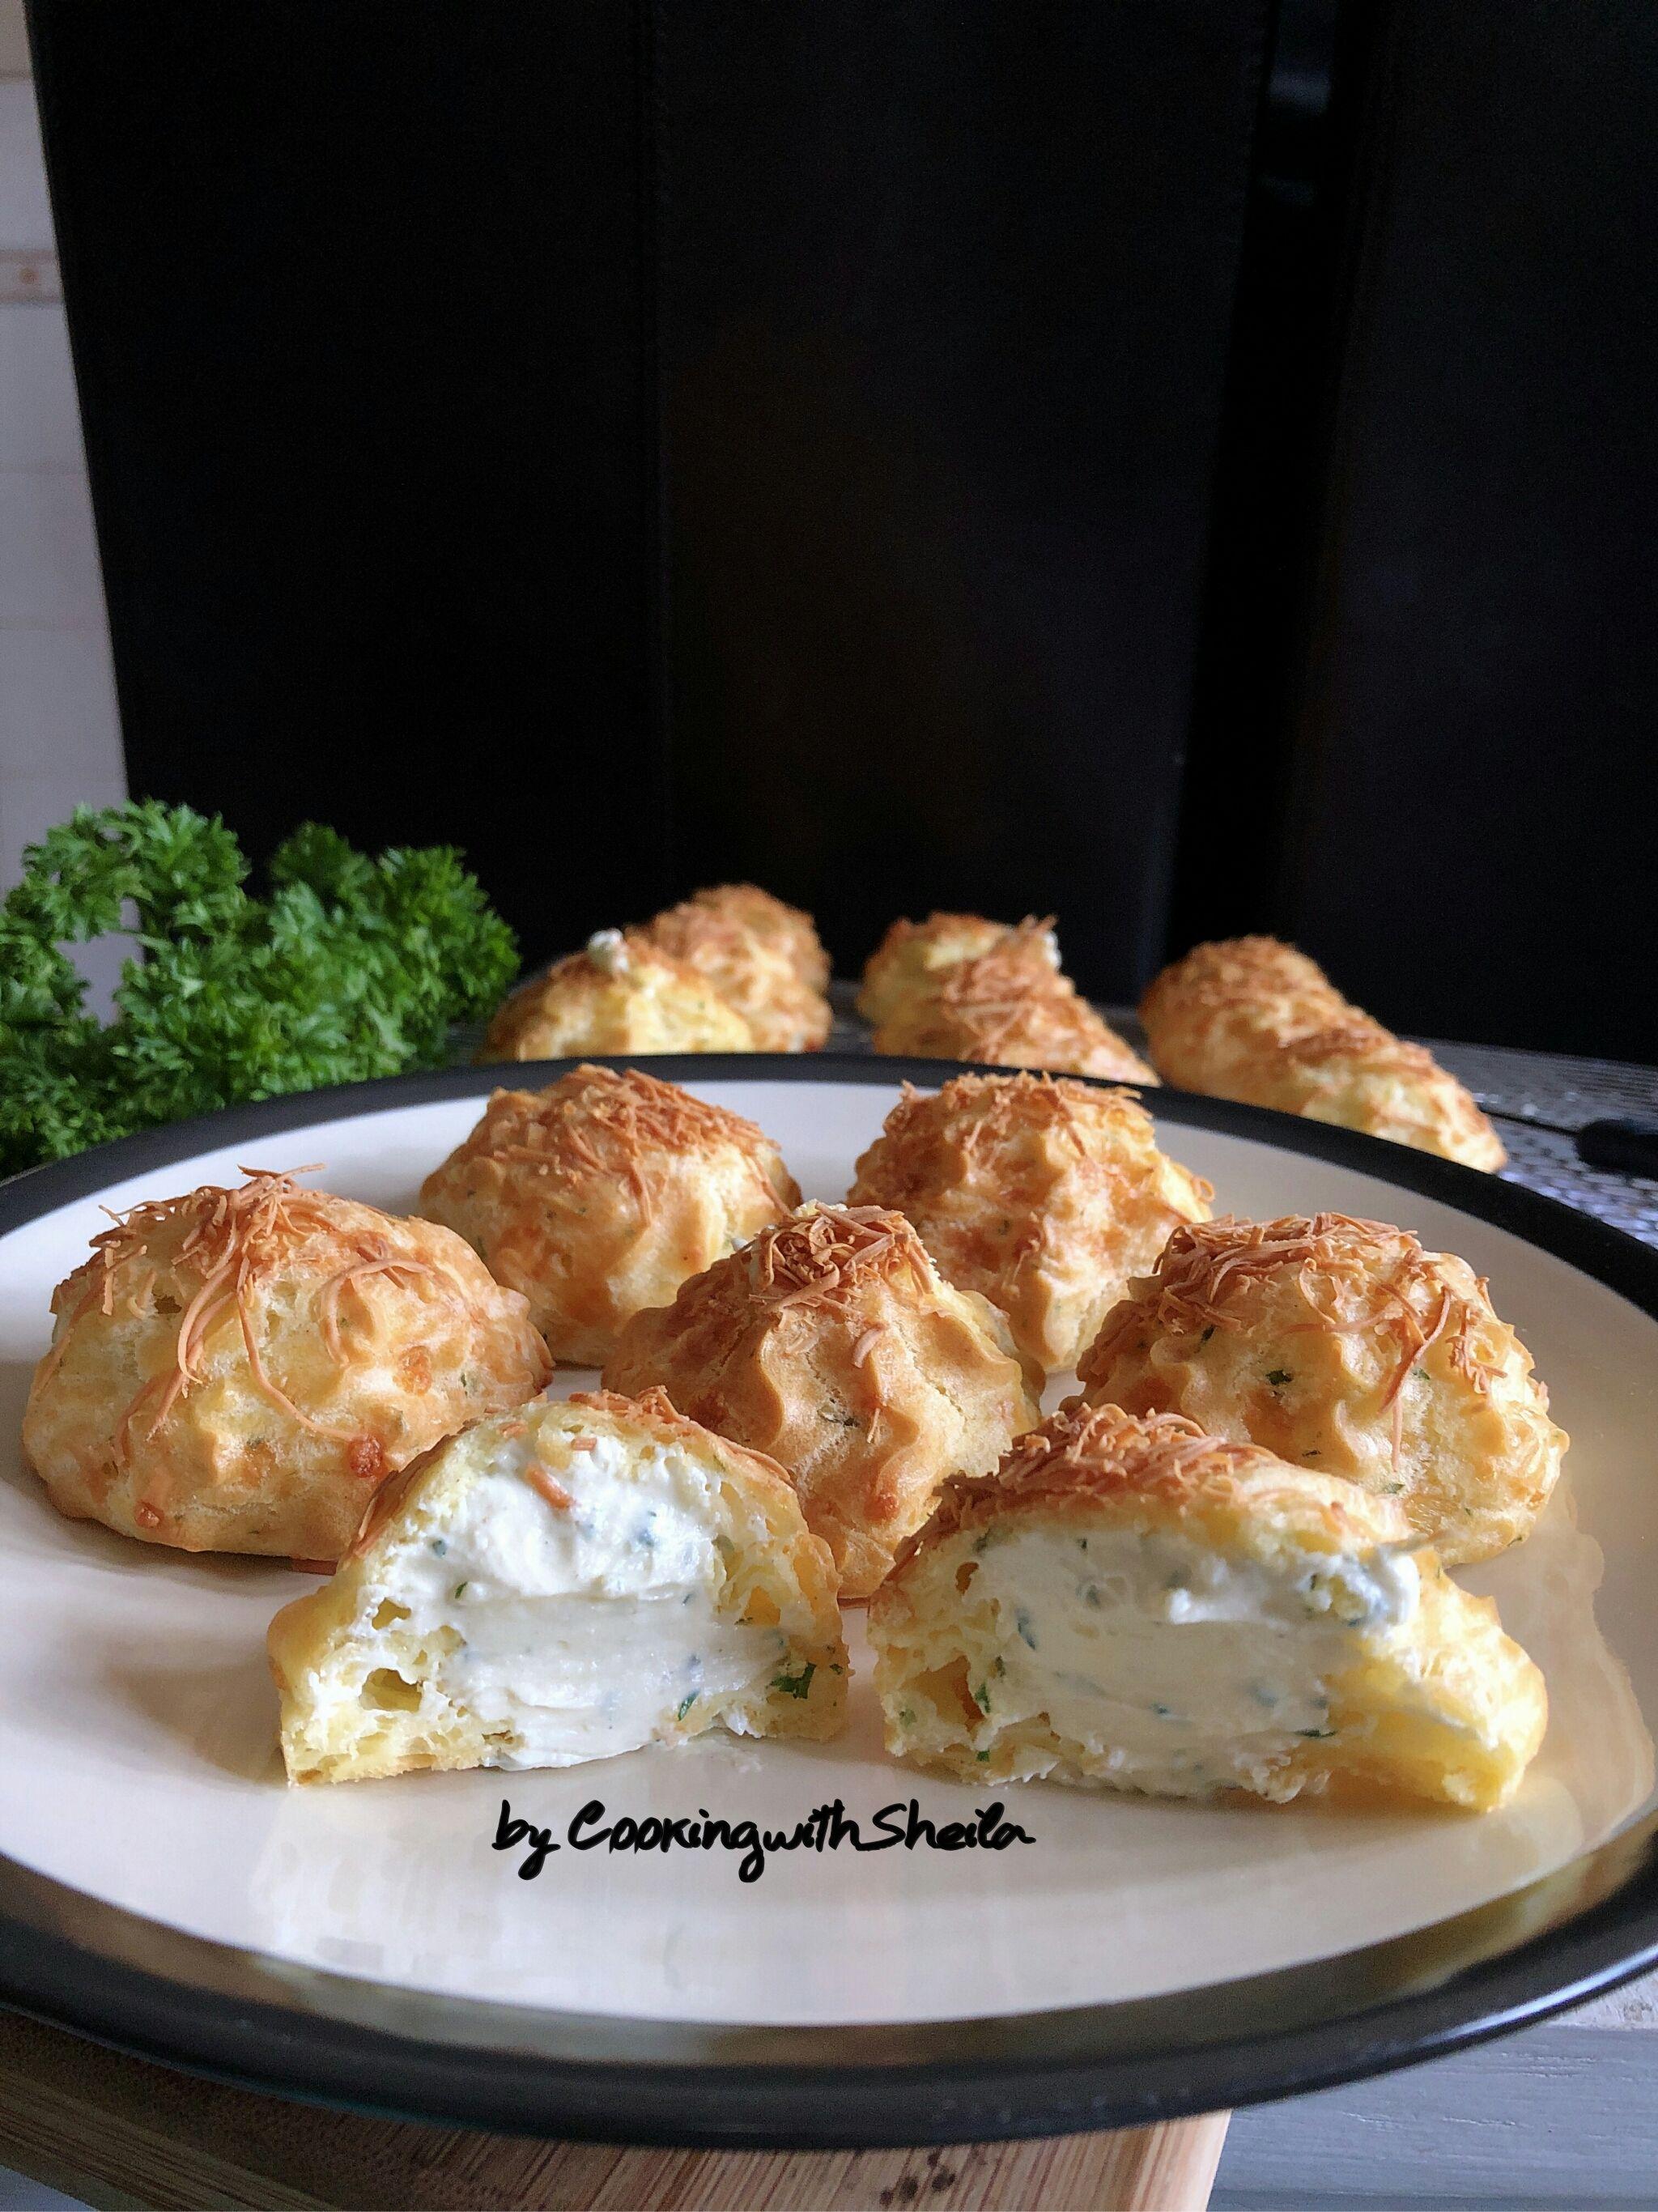 Sus Keju Isi Cream Cheese Ide Makanan Makanan Manis Makanan Penutup